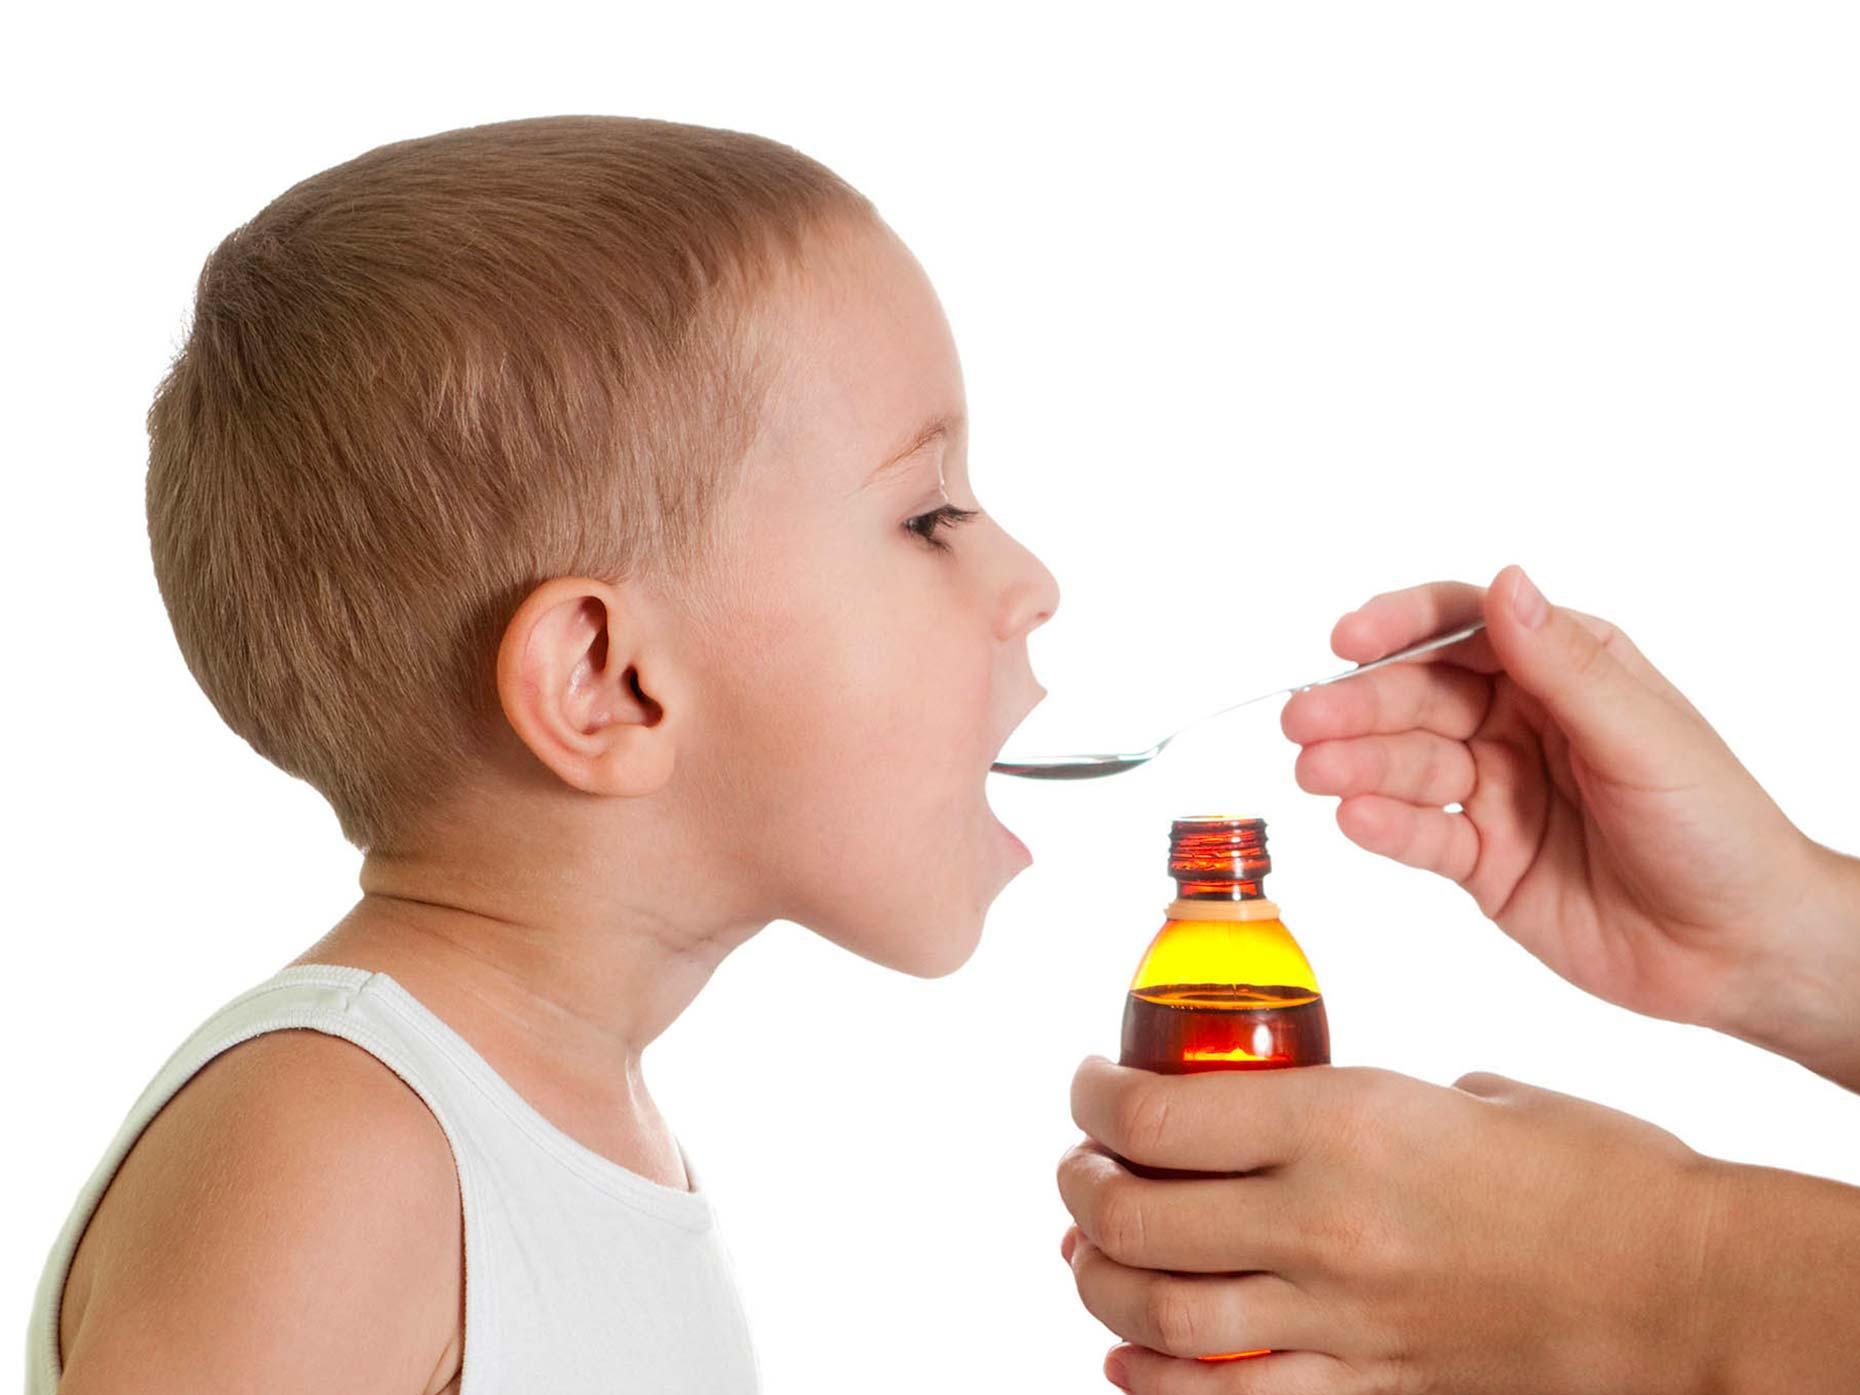 Nopron sciroppo: quando è indicato per i bambini e perché. I consigli dell'esperto